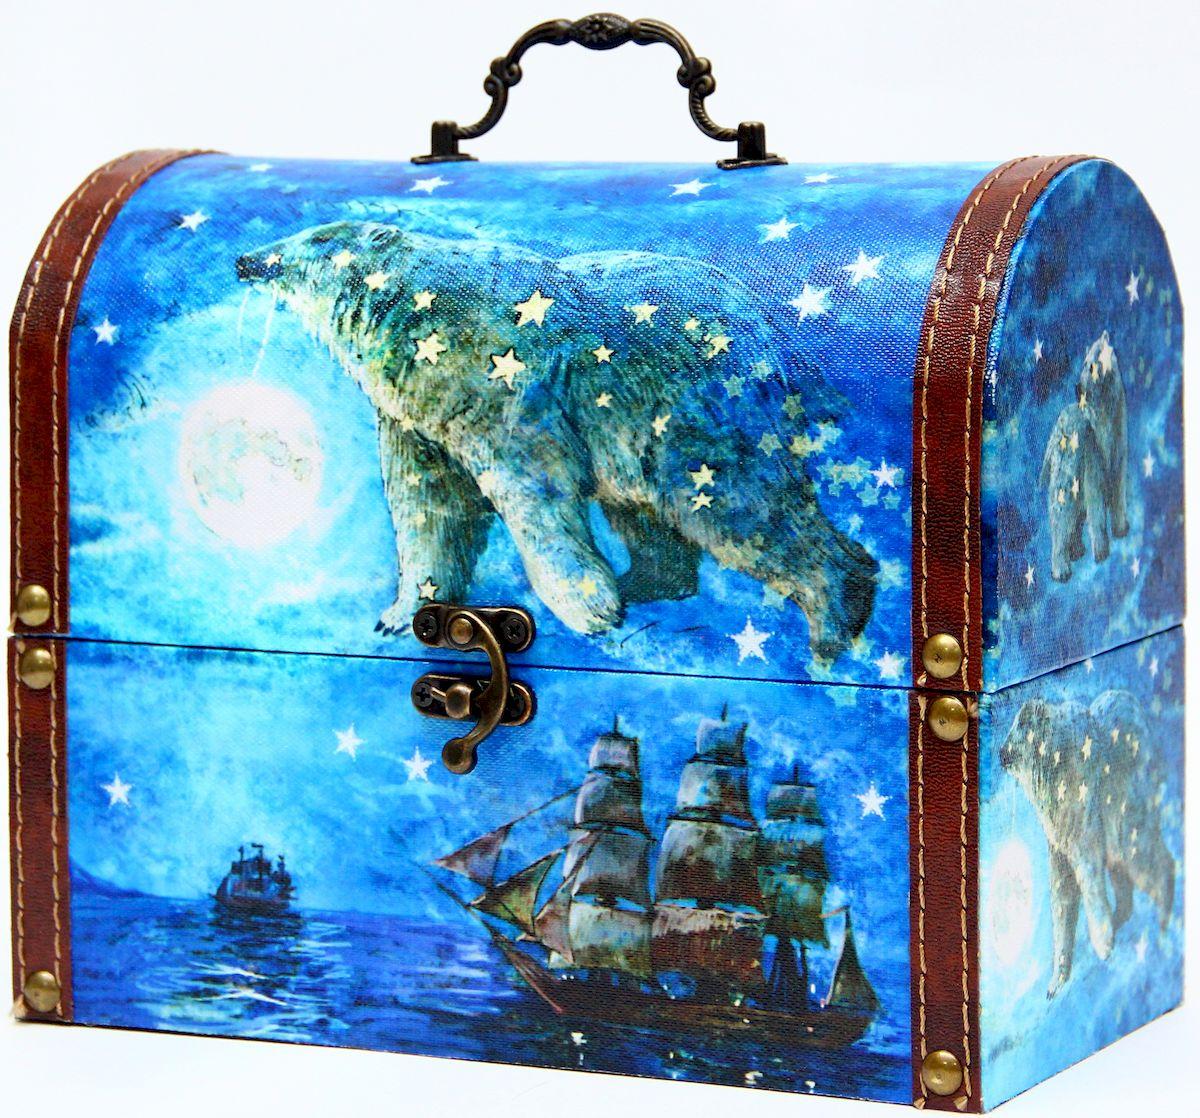 Шкатулка декоративная Magic Home Большая медведица, цвет: синий, 22 х 11 х 17,5 см41619Декоративная шкатулка Magic Home Большая медведица, выполненная из МДФ, оформлена ярким цветным изображением. Изделие закрывается на металлический замок и оснащено оригинальной ручкой под старину для переноски.Такая шкатулка может использоваться для хранения бижутерии, предметов рукоделия, в качестве украшения интерьера, а также послужит хорошим подарком для человека, ценящего практичные и оригинальные вещицы.